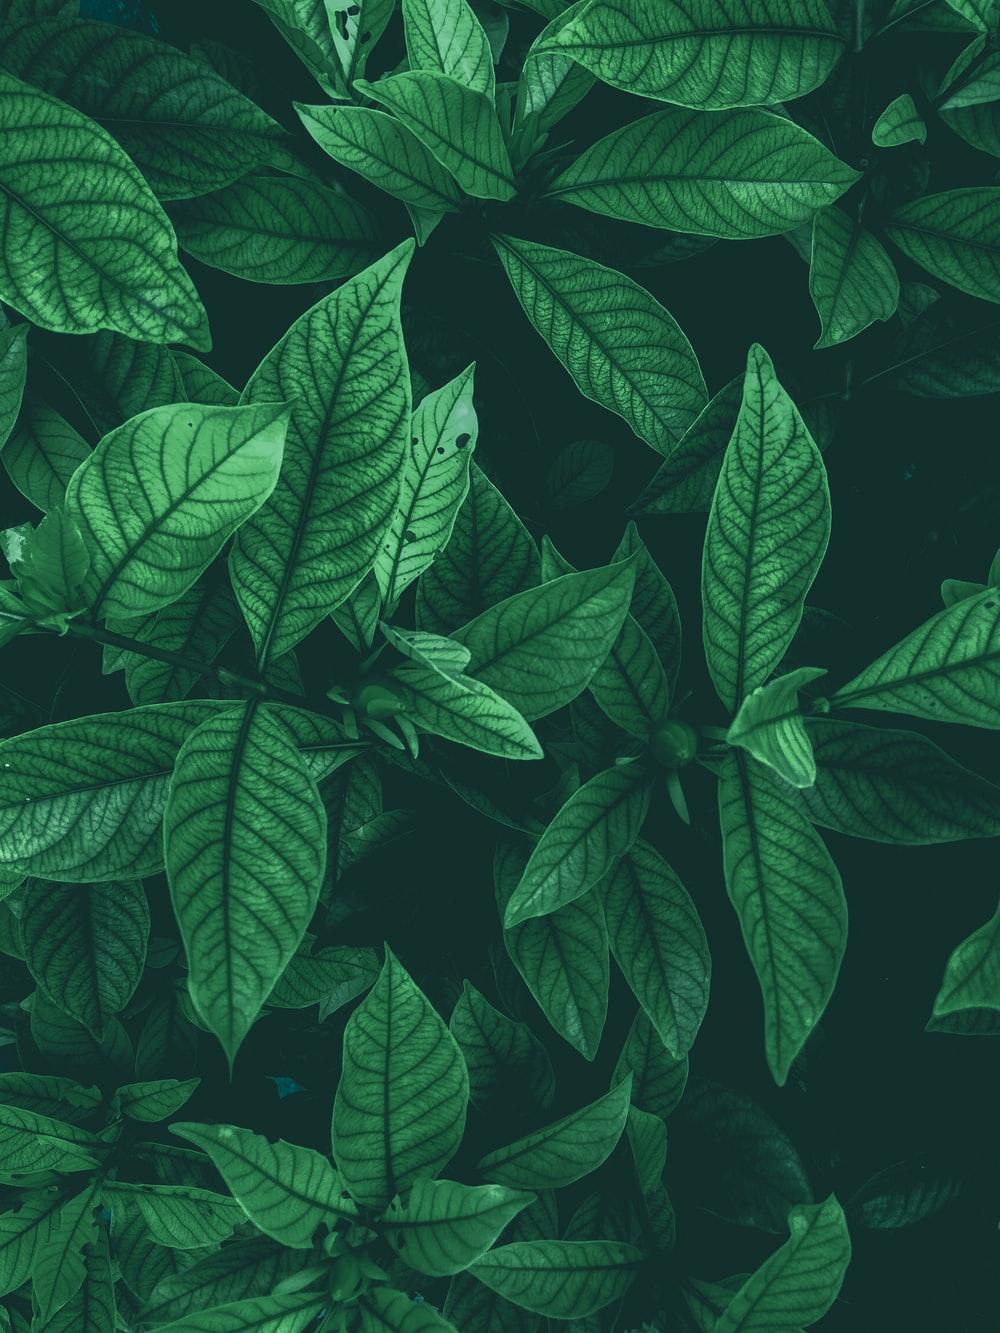 900 Leaf Background Images Download HD Backgrounds on Unsplash 1000x1333